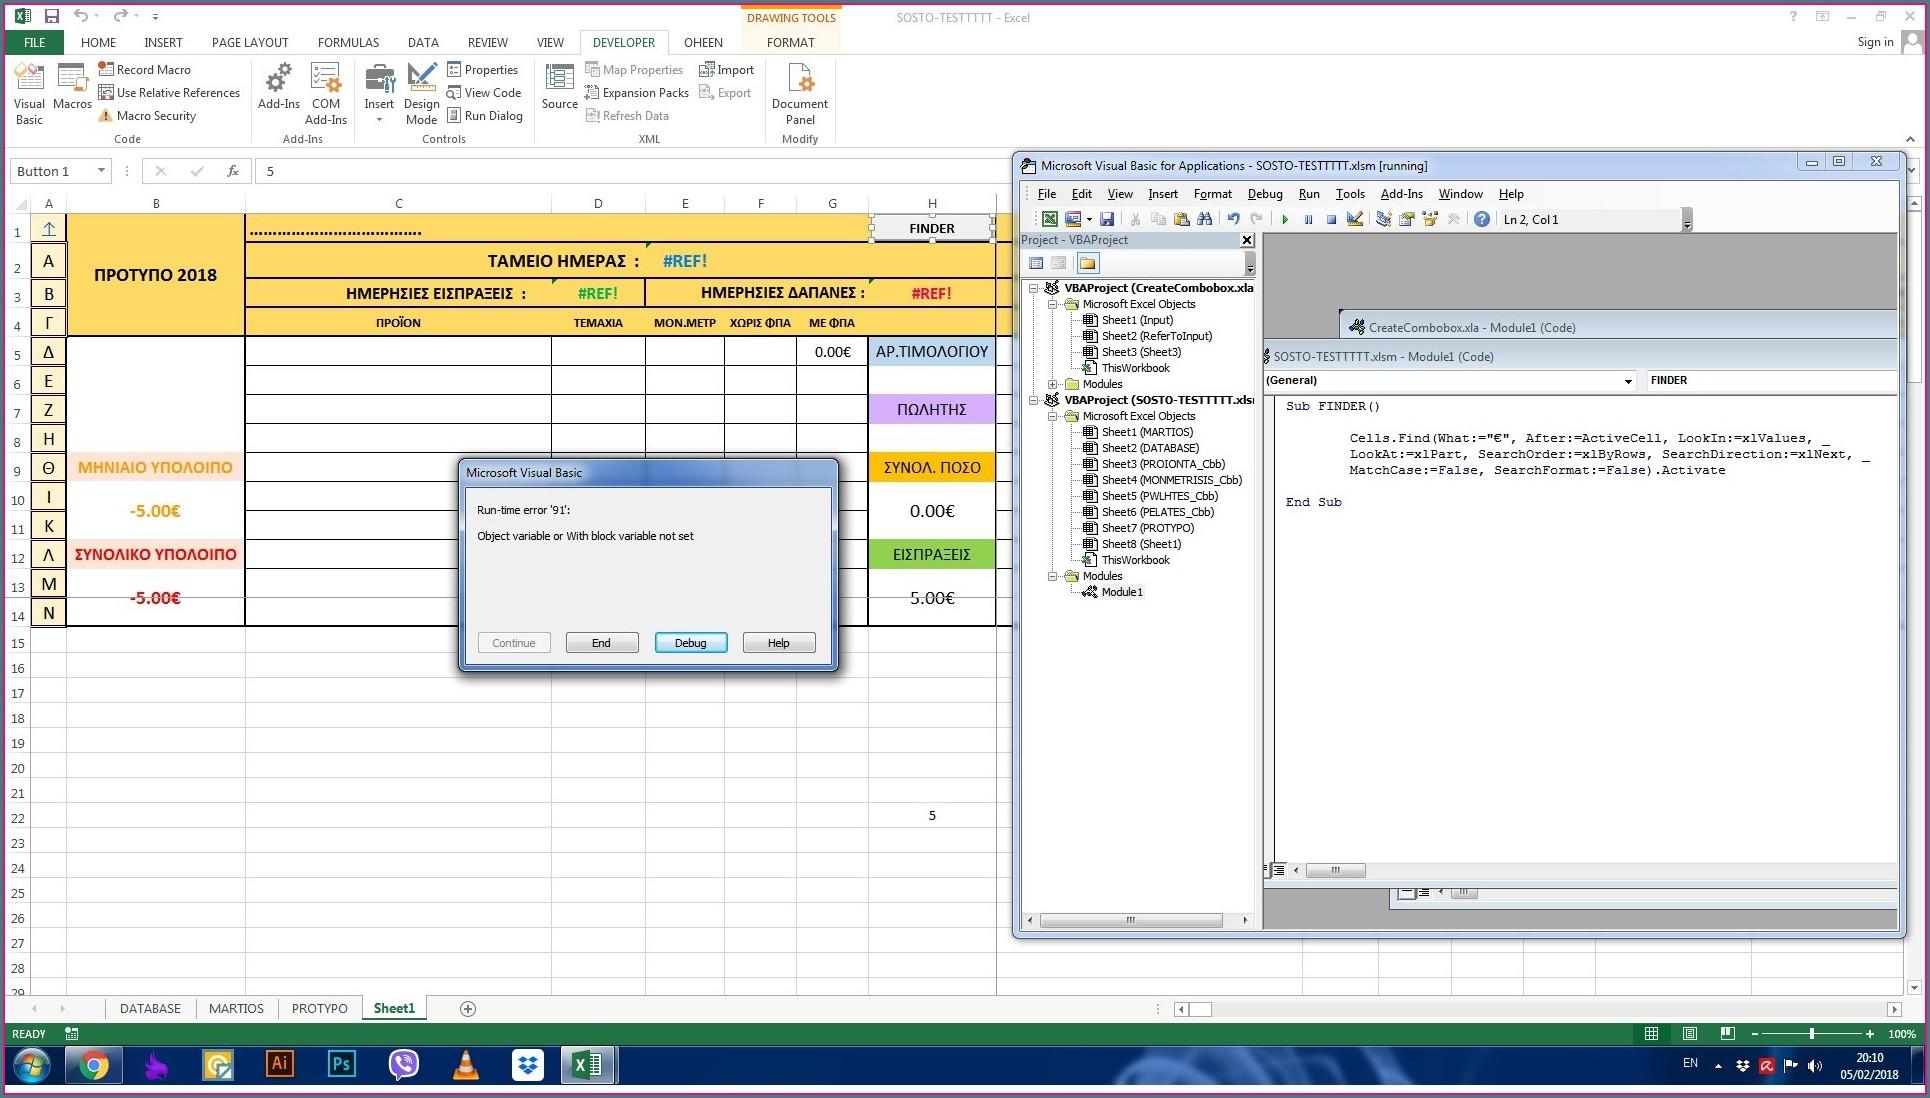 Excel Vba Worksheetfunctiondget